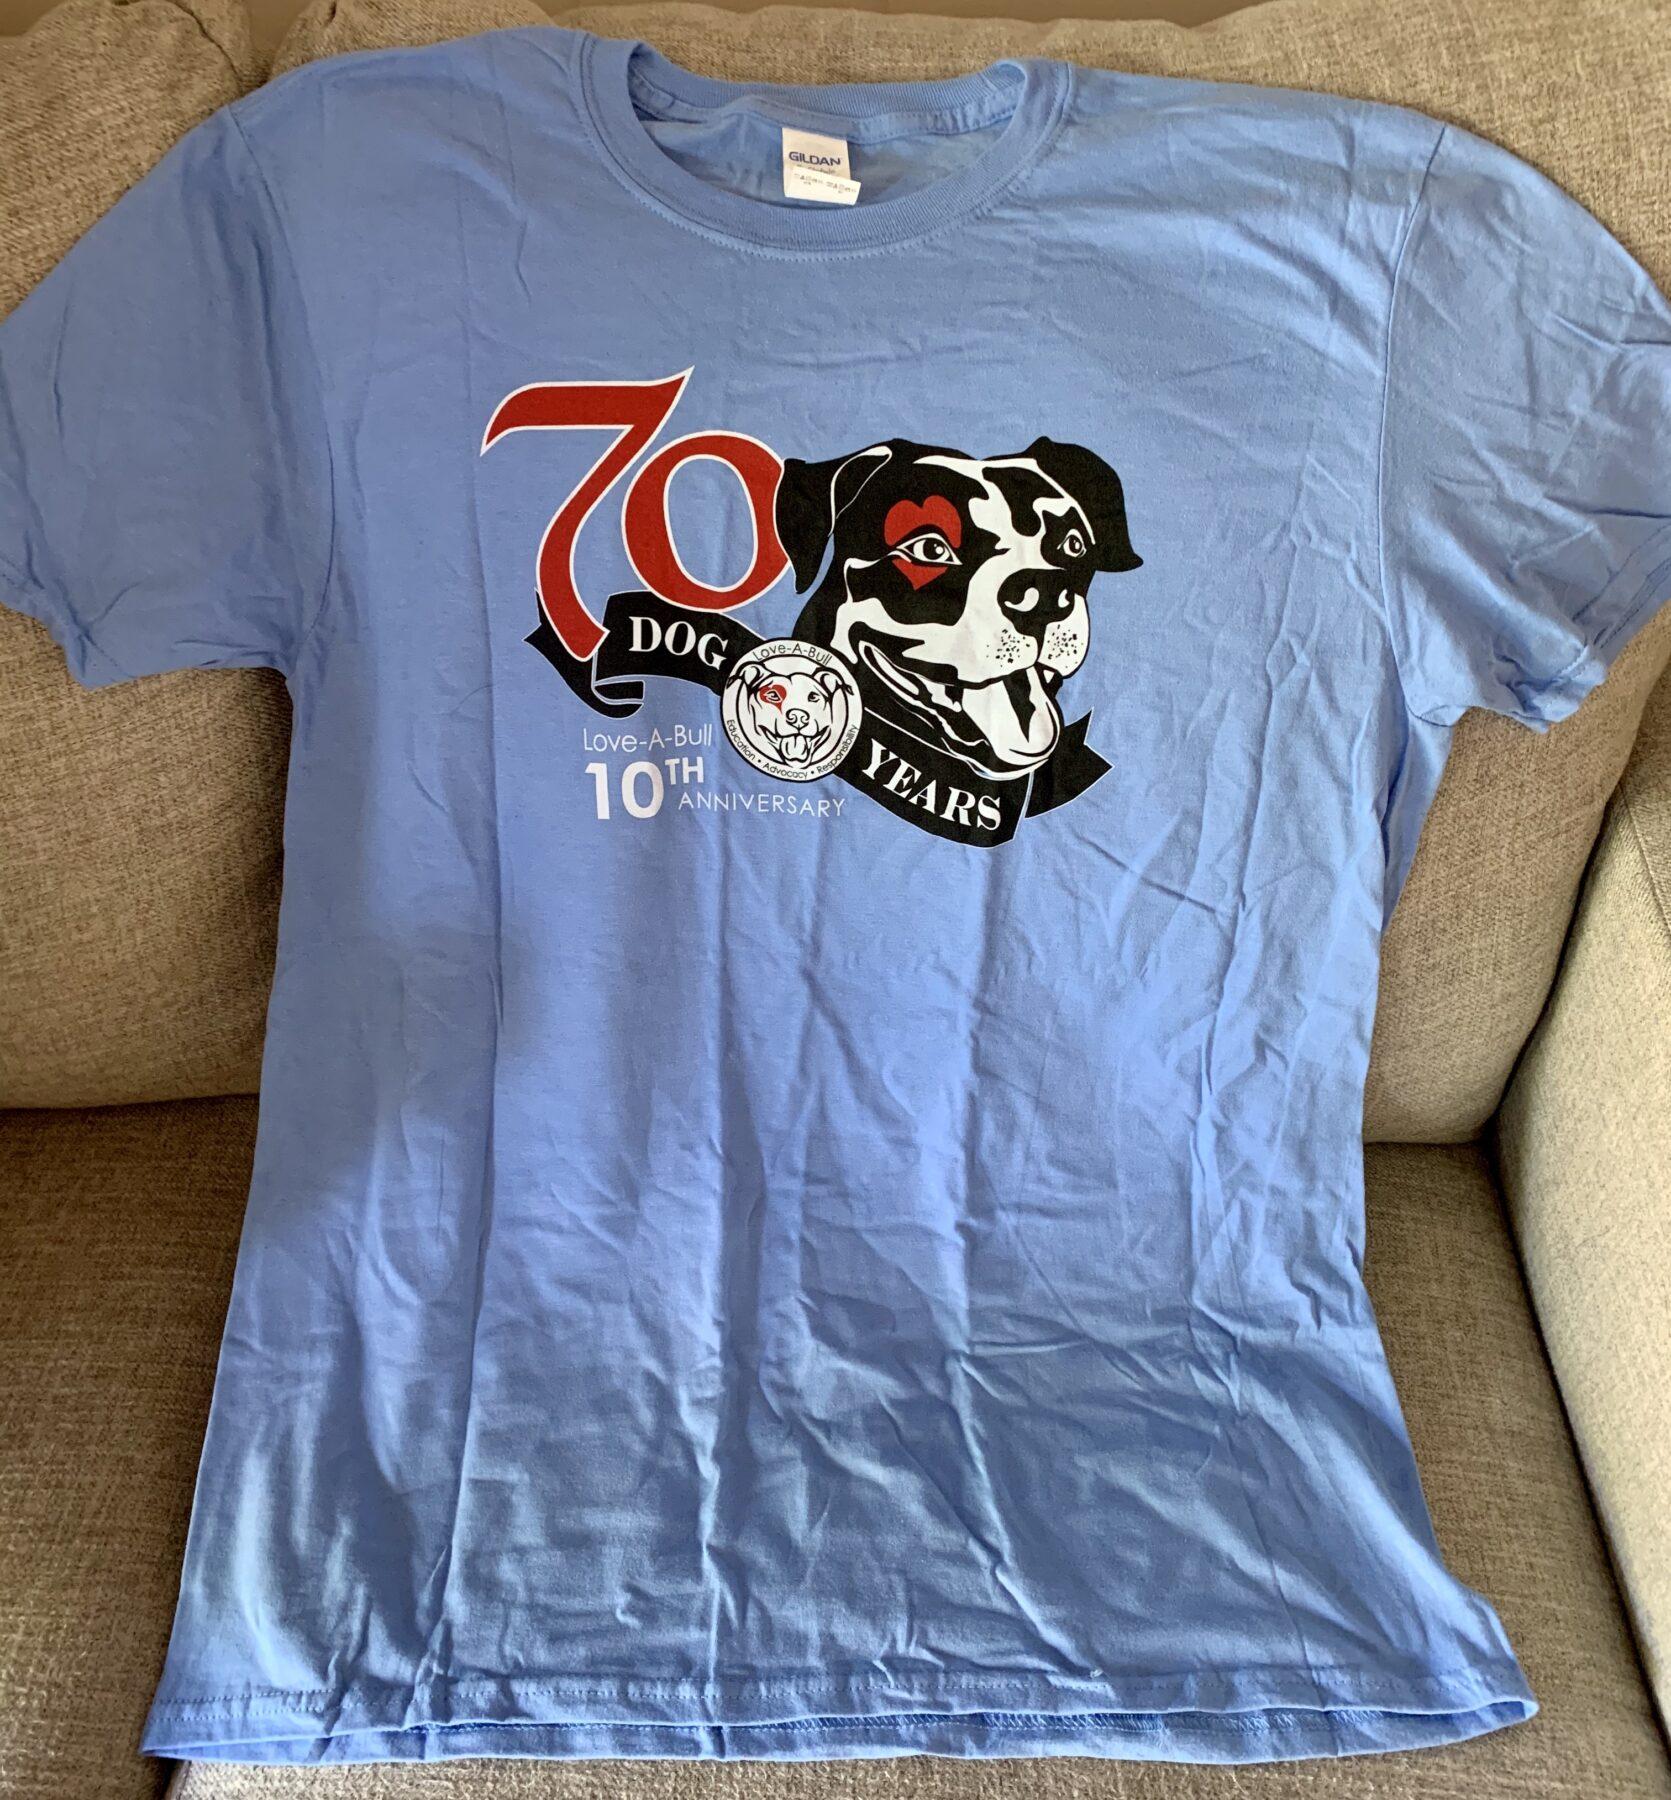 Unisex T-Shirt (Blue), 10-Year Anniversary